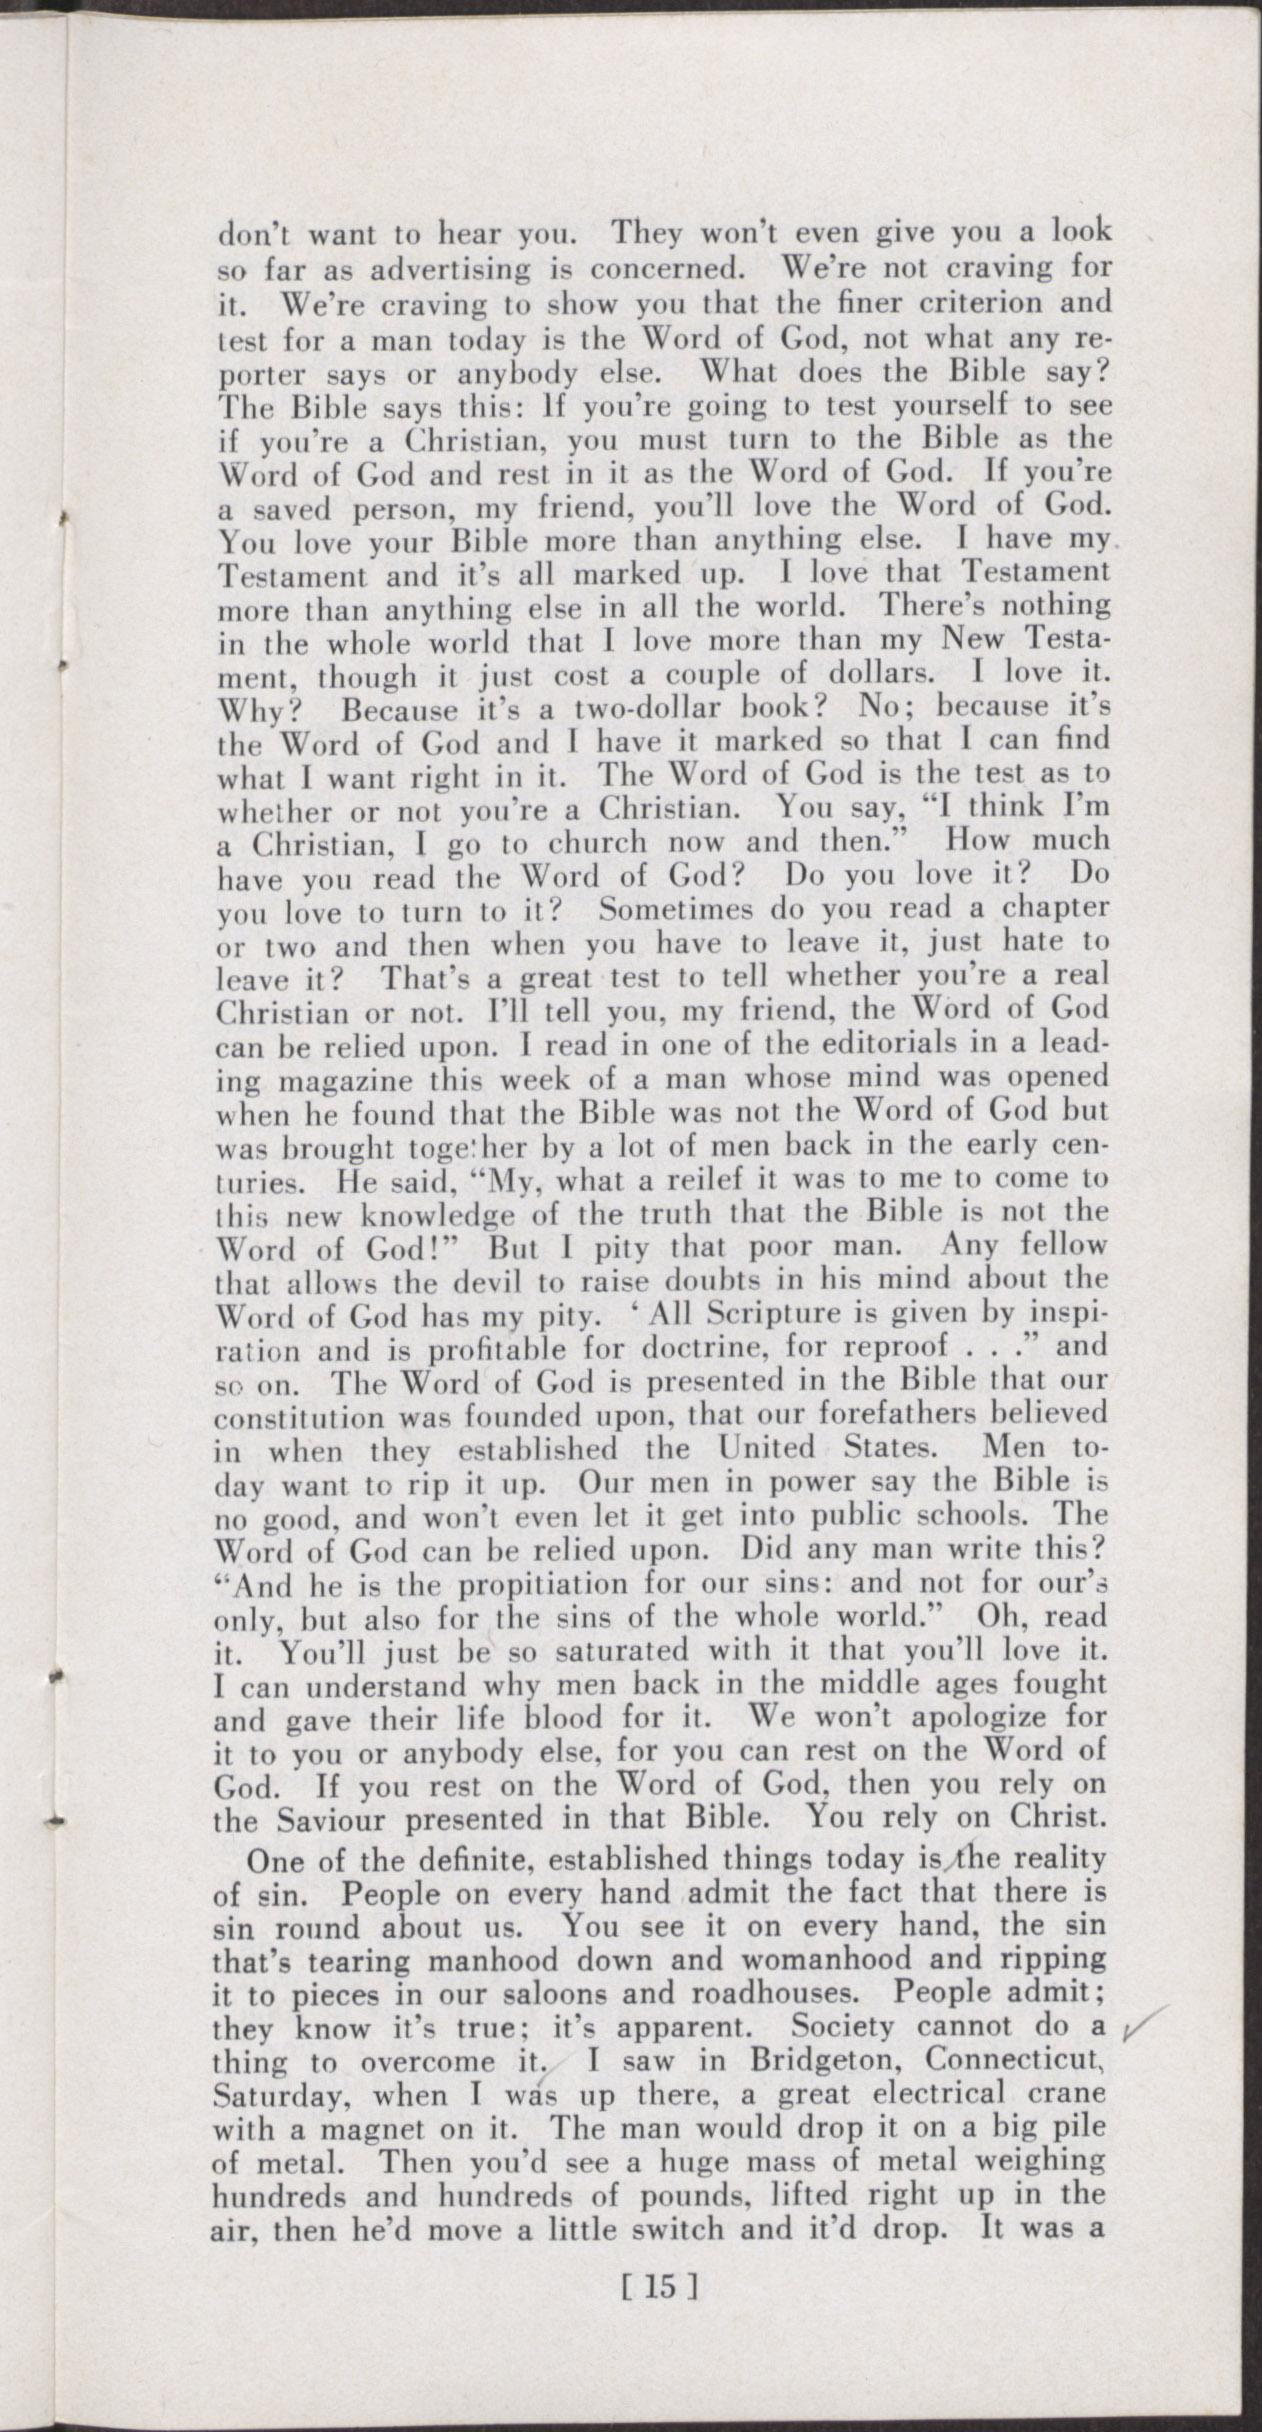 sermons193605-(15)